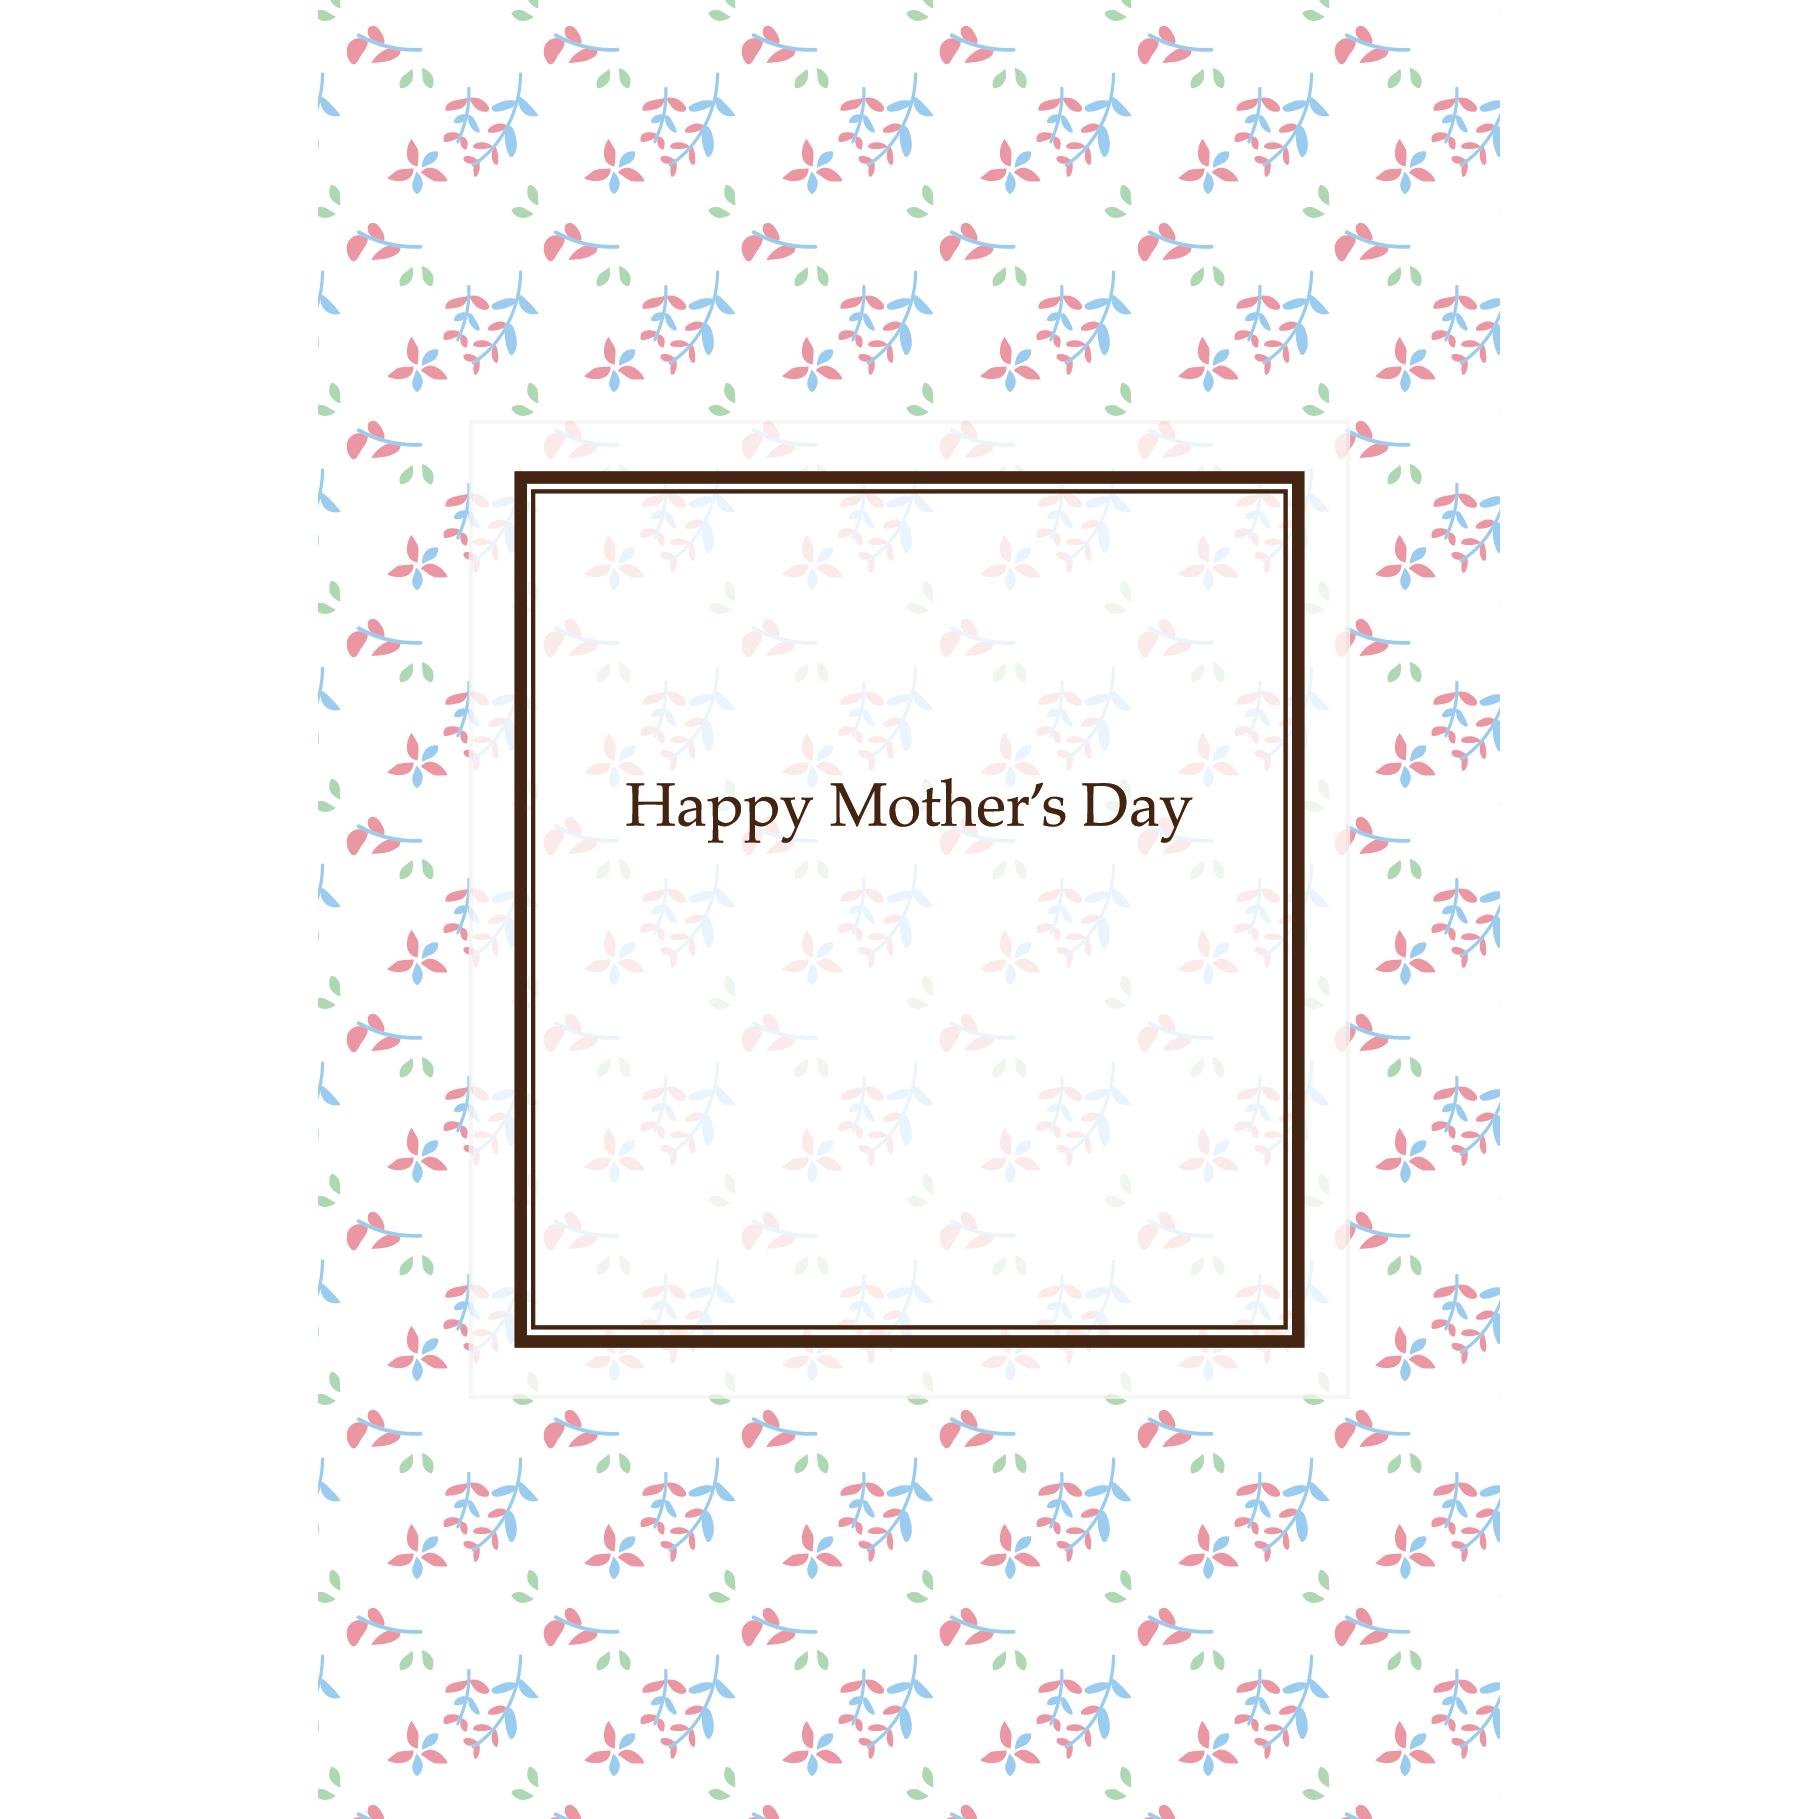 母の日のメッセージ!グリーティングカード 小花の 無料 イラスト